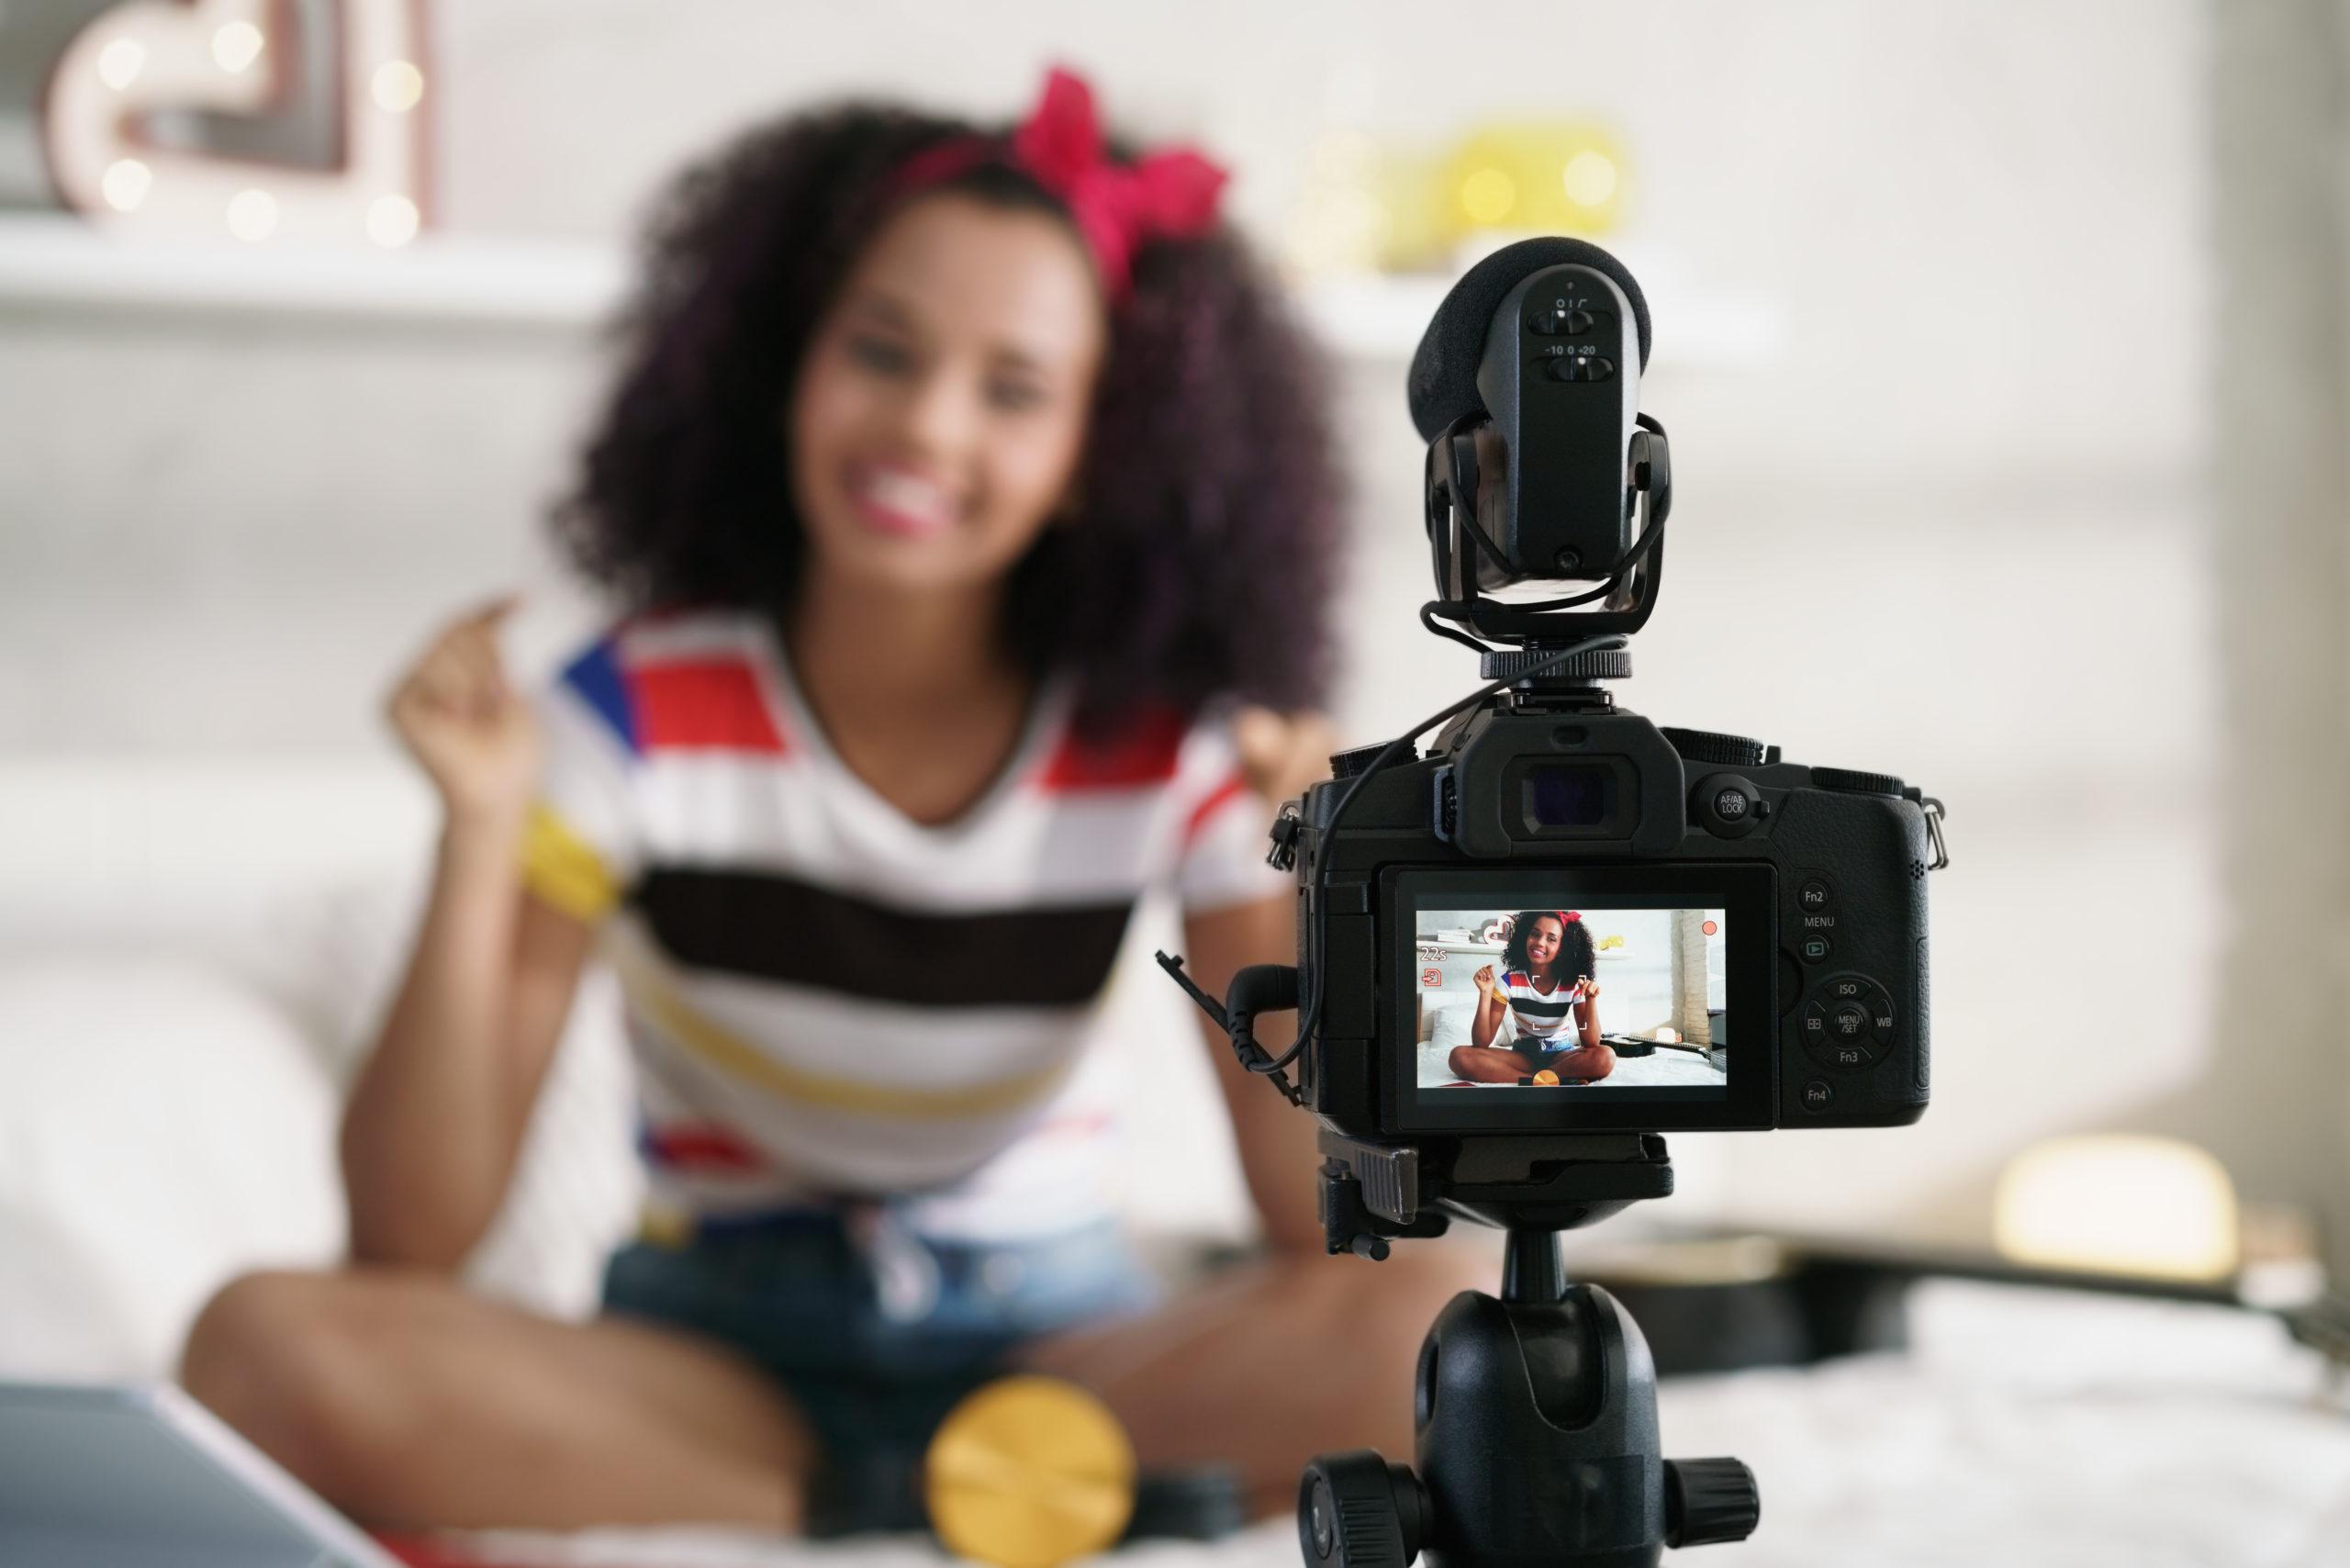 Presenteren kun je leren: 6 presentatietips voor op video